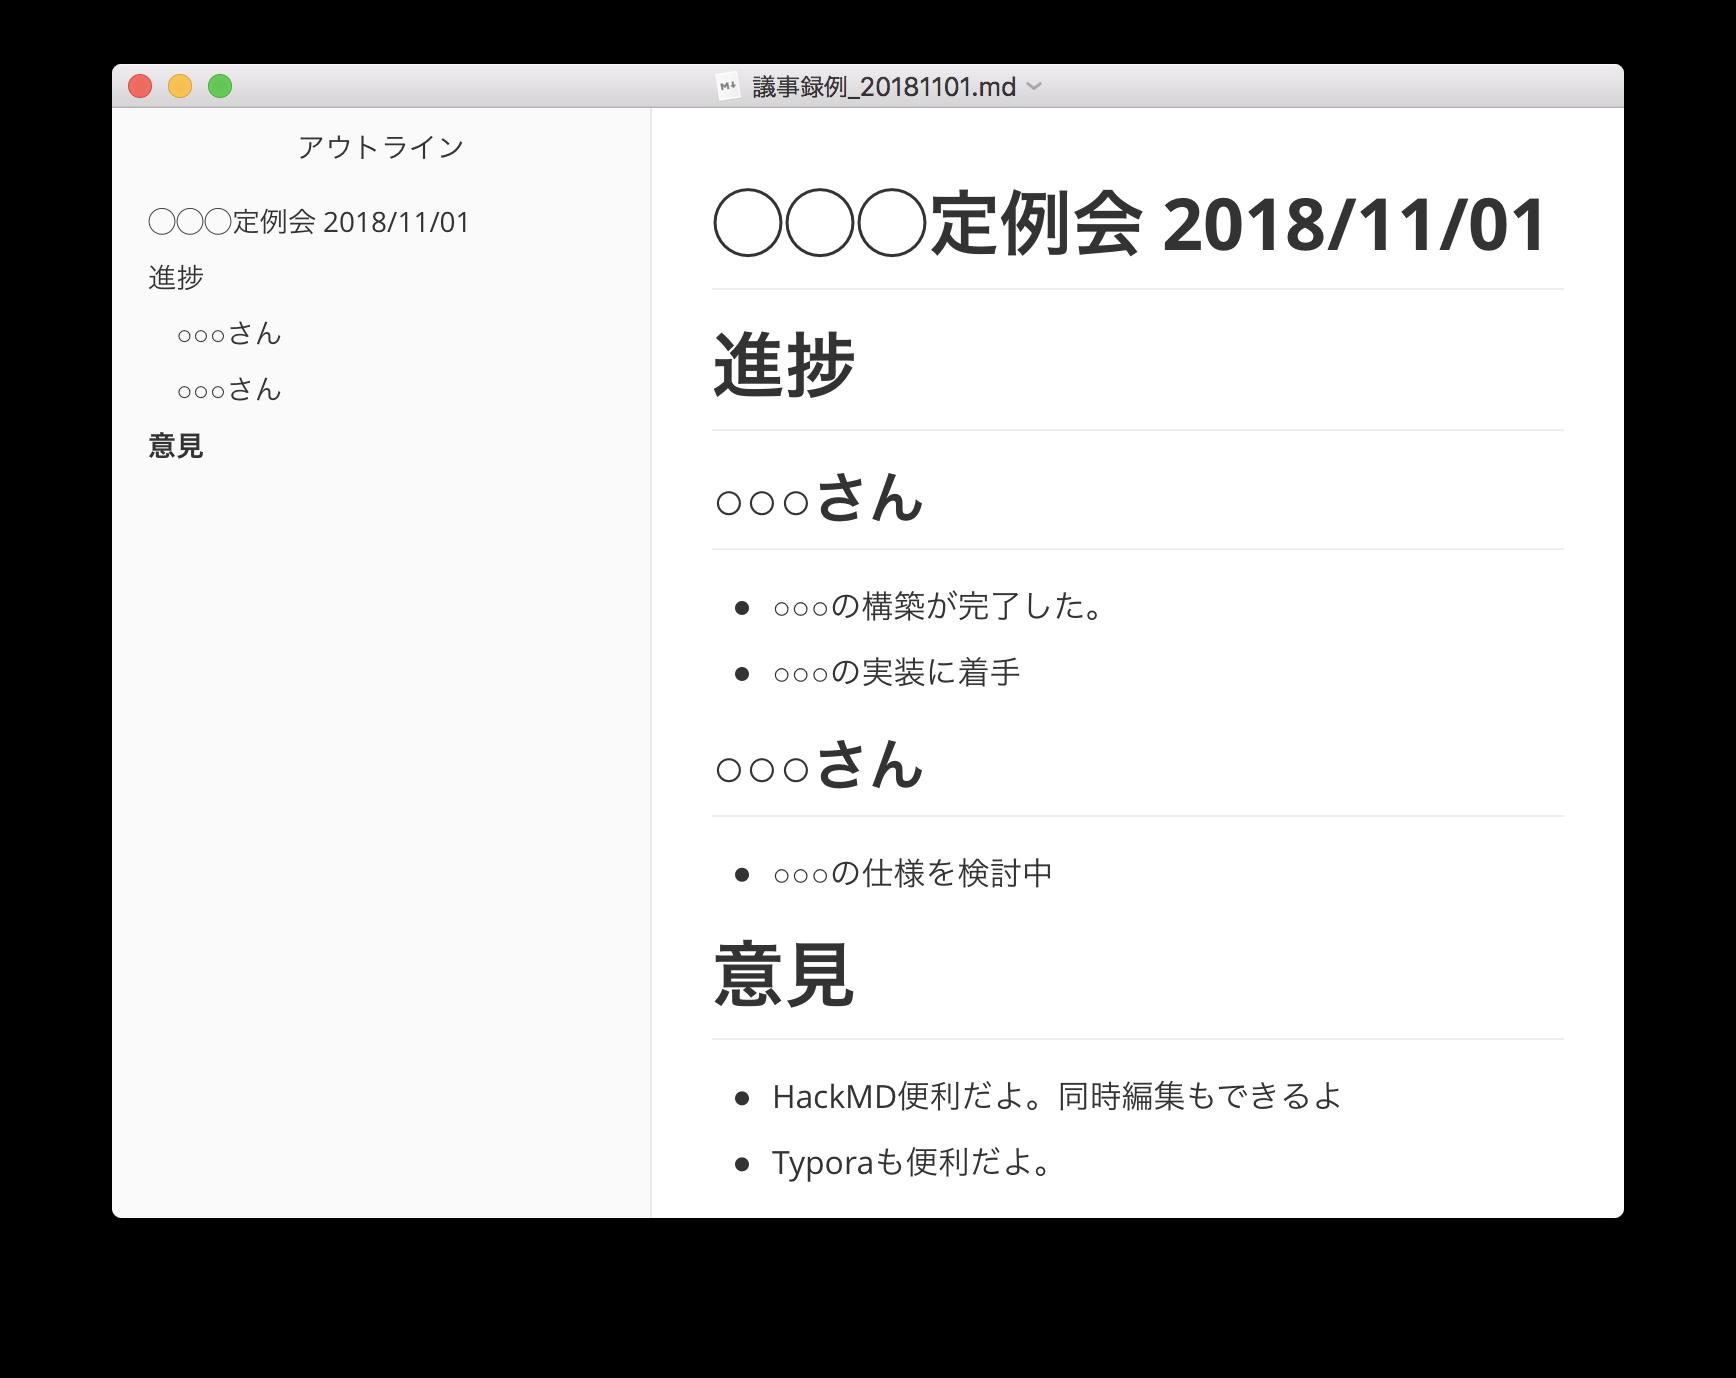 スクリーンショット 2018-11-01 14.18.28.png